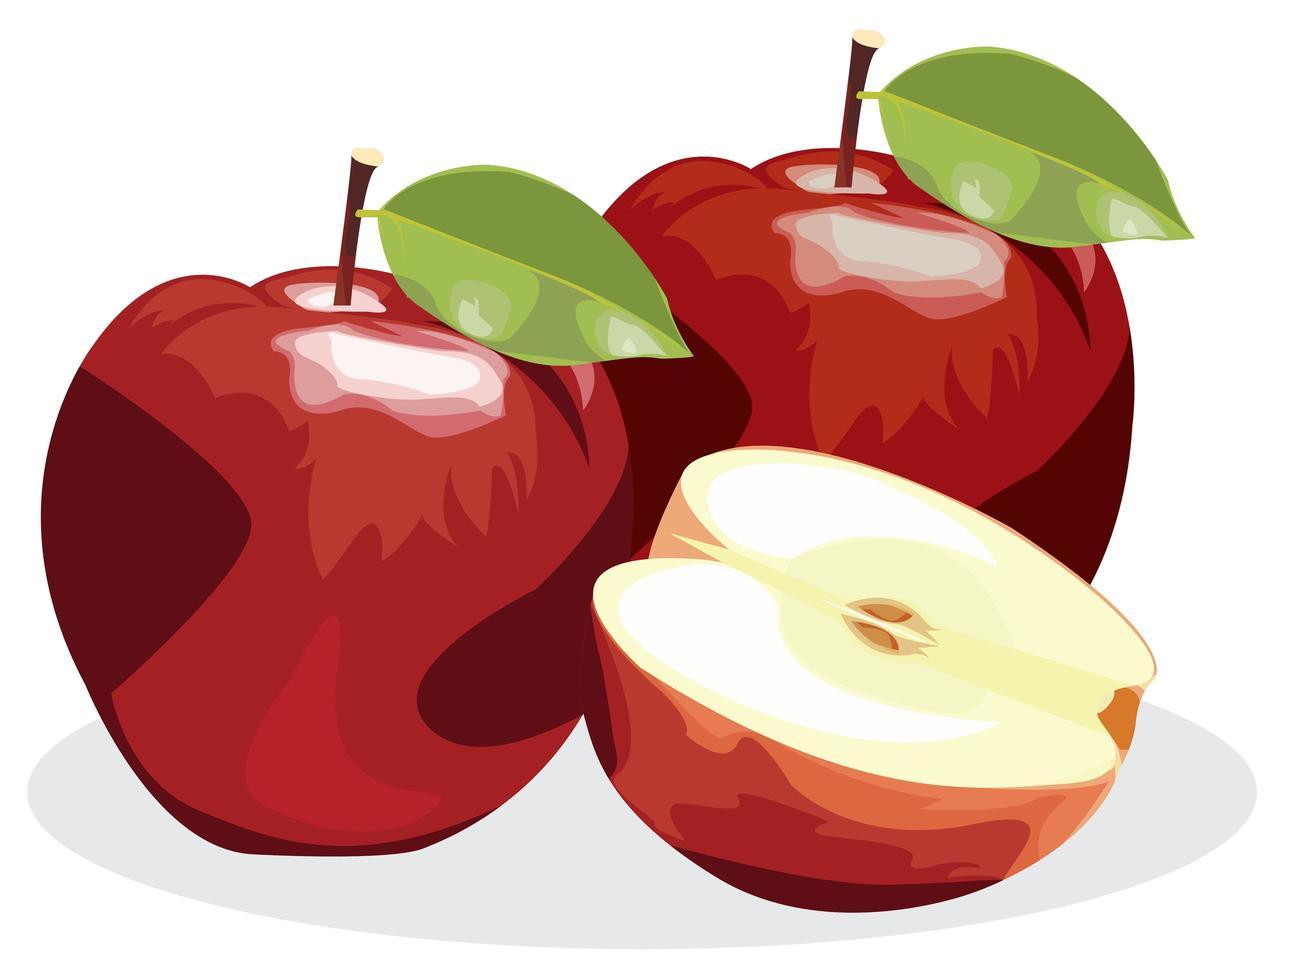 rijp rood appelfruit met halve appel en groen die appelblad op witte achtergrond wordt geïsoleerd. vector